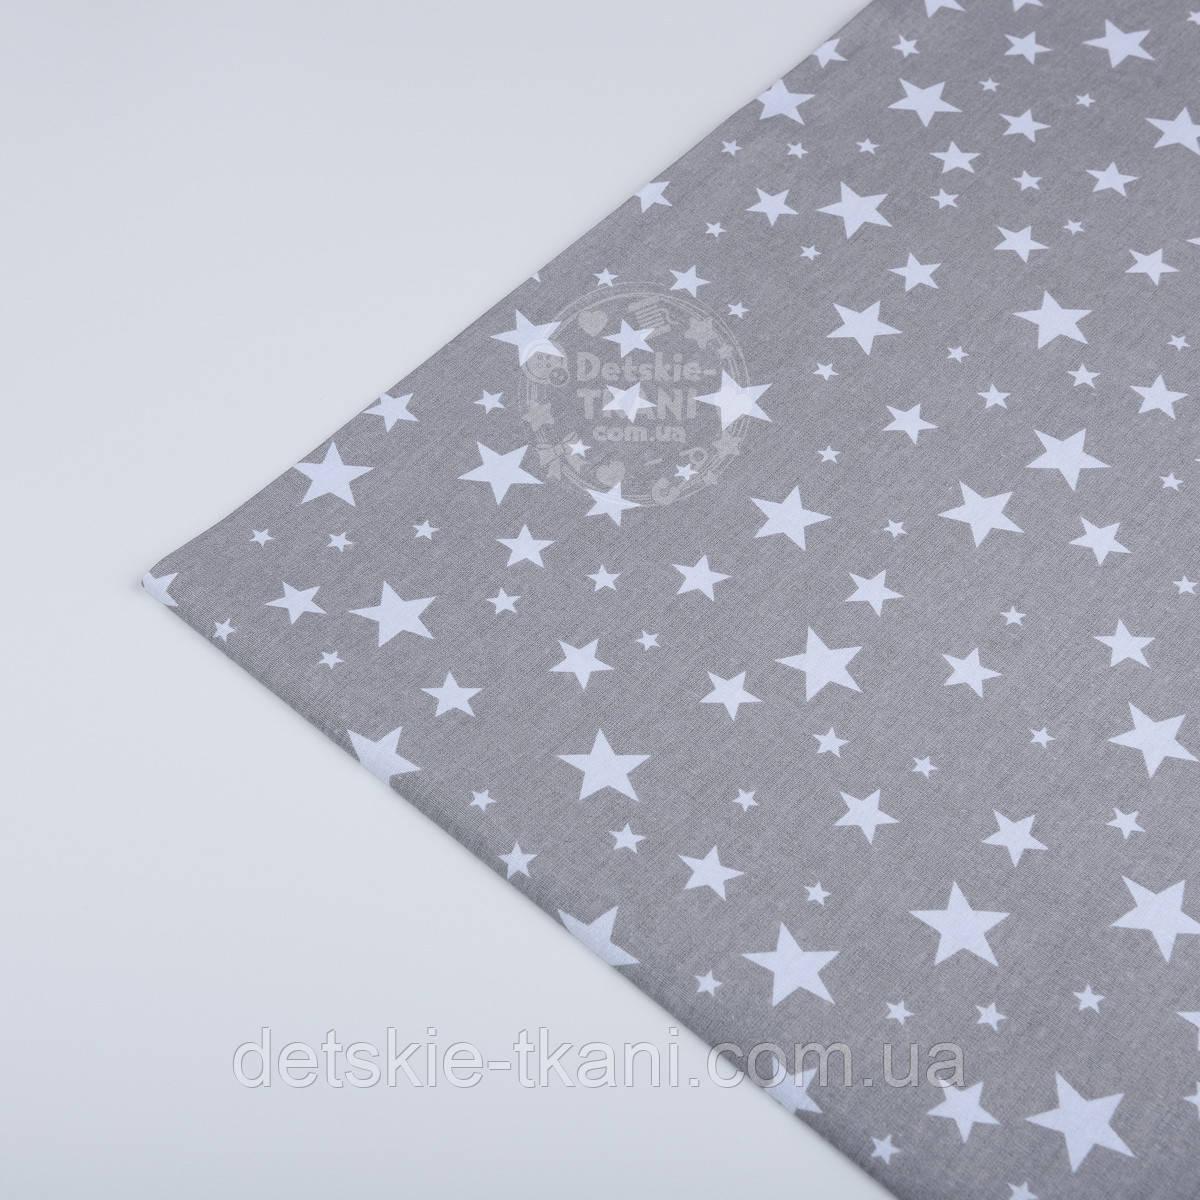 """Отрез ткани №993 Звёздная россыпь"""" с белыми звёздами на сером фоне, размер 70*160"""